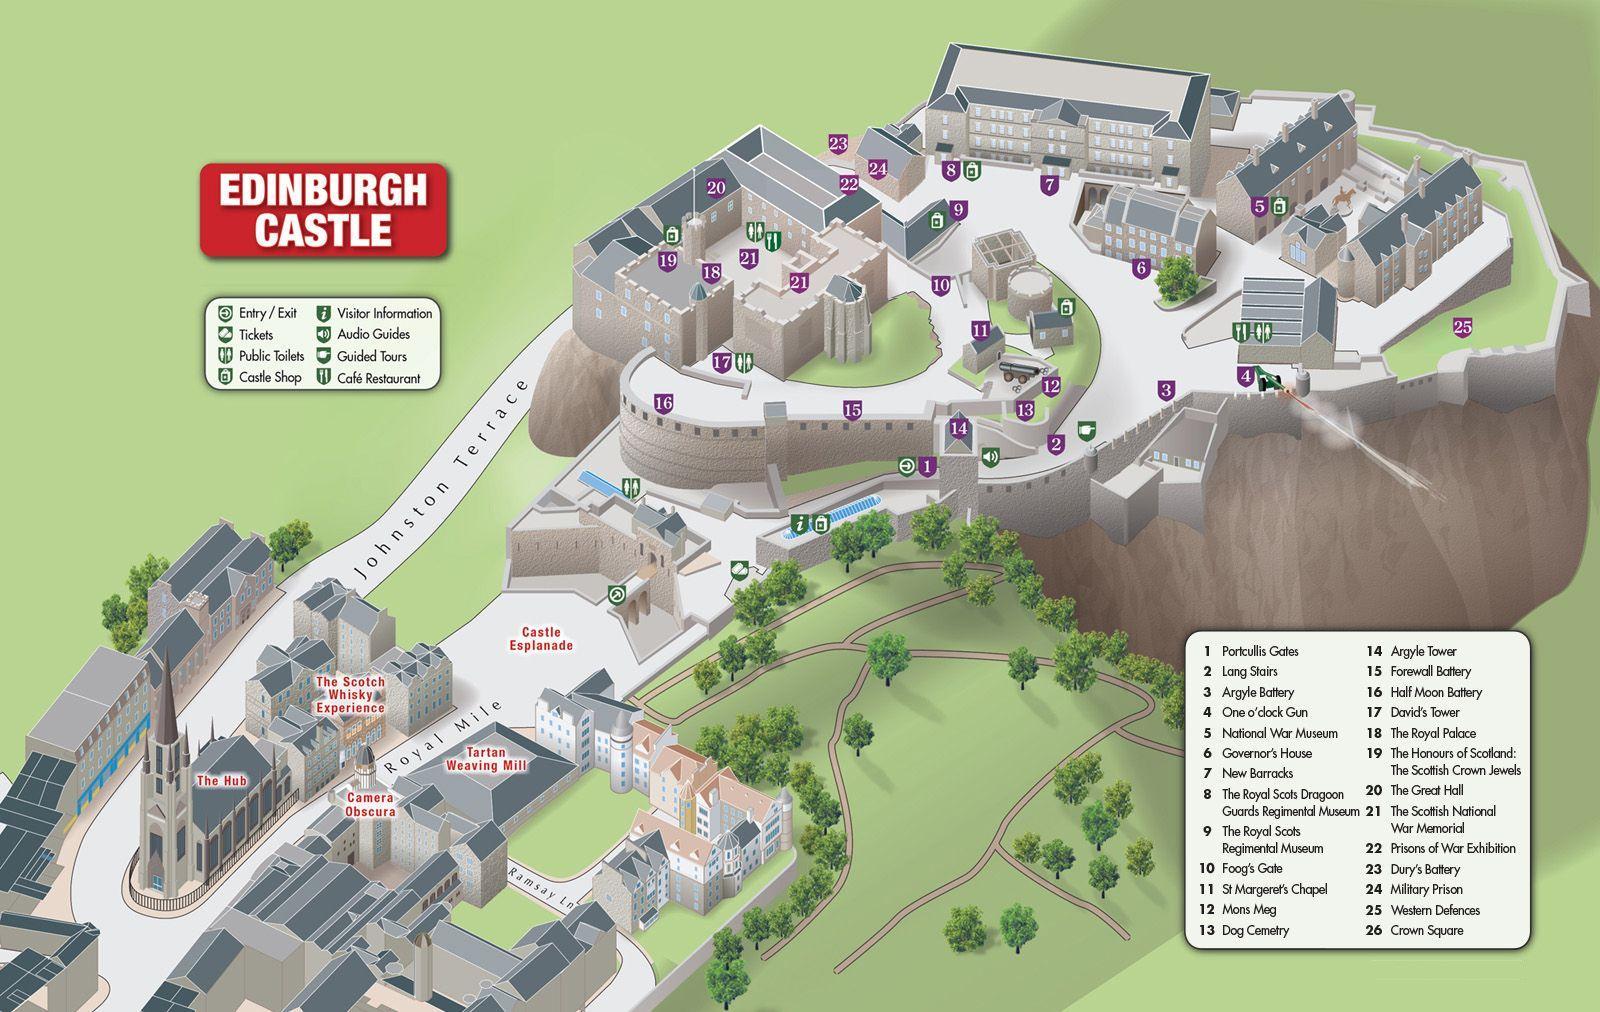 Mapa de los lugares de interés dentro del Castillo de Edimburgo